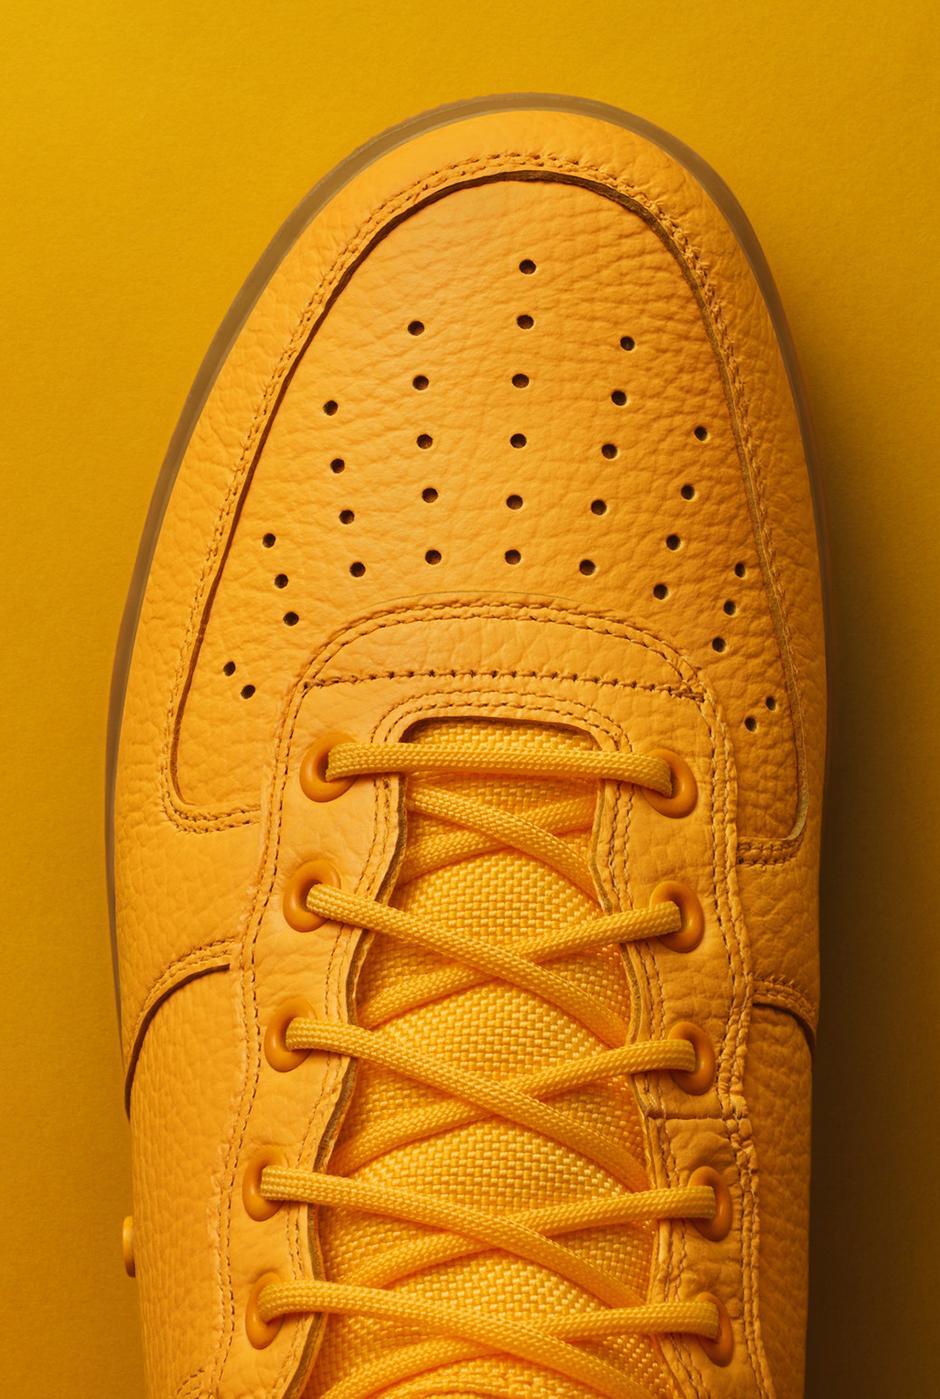 new arrival ed58a 11aad OBJ Odell Beckham Jr. Nike SF-AF1 Mid Release Date ...